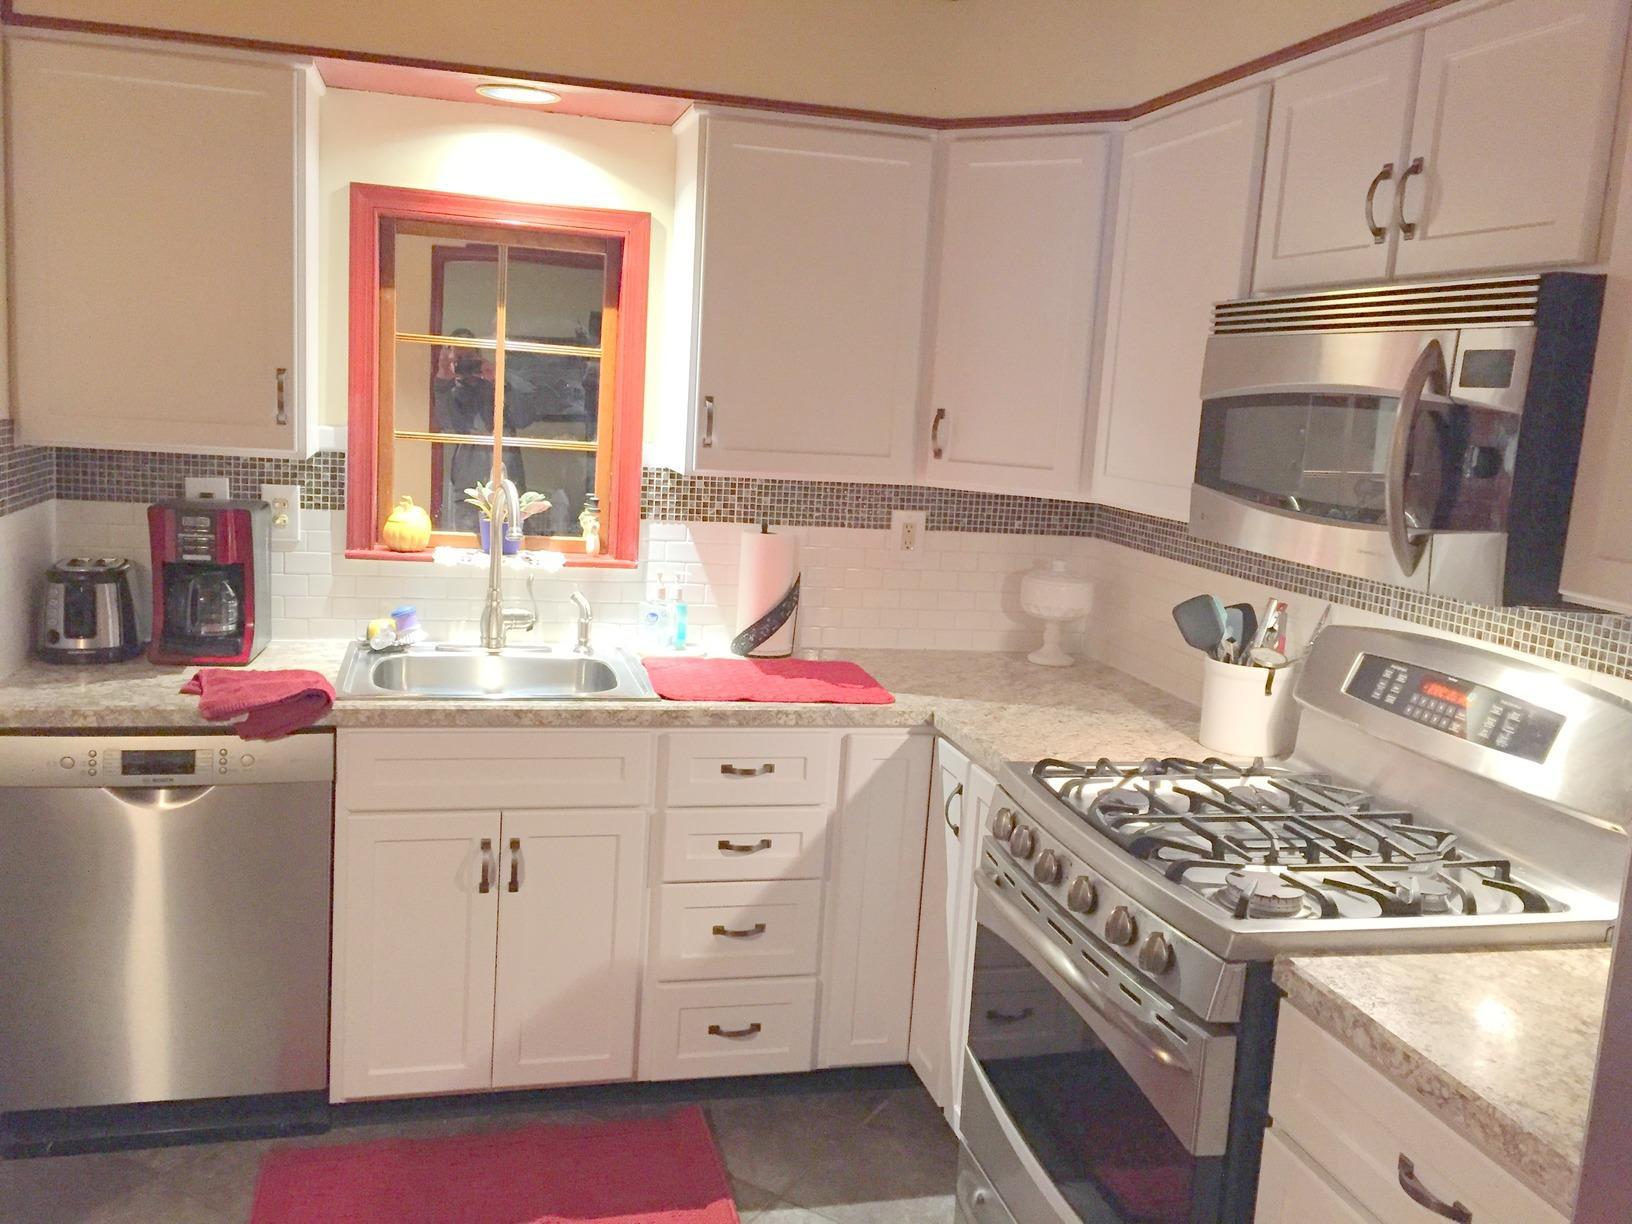 Collegville Kitchen